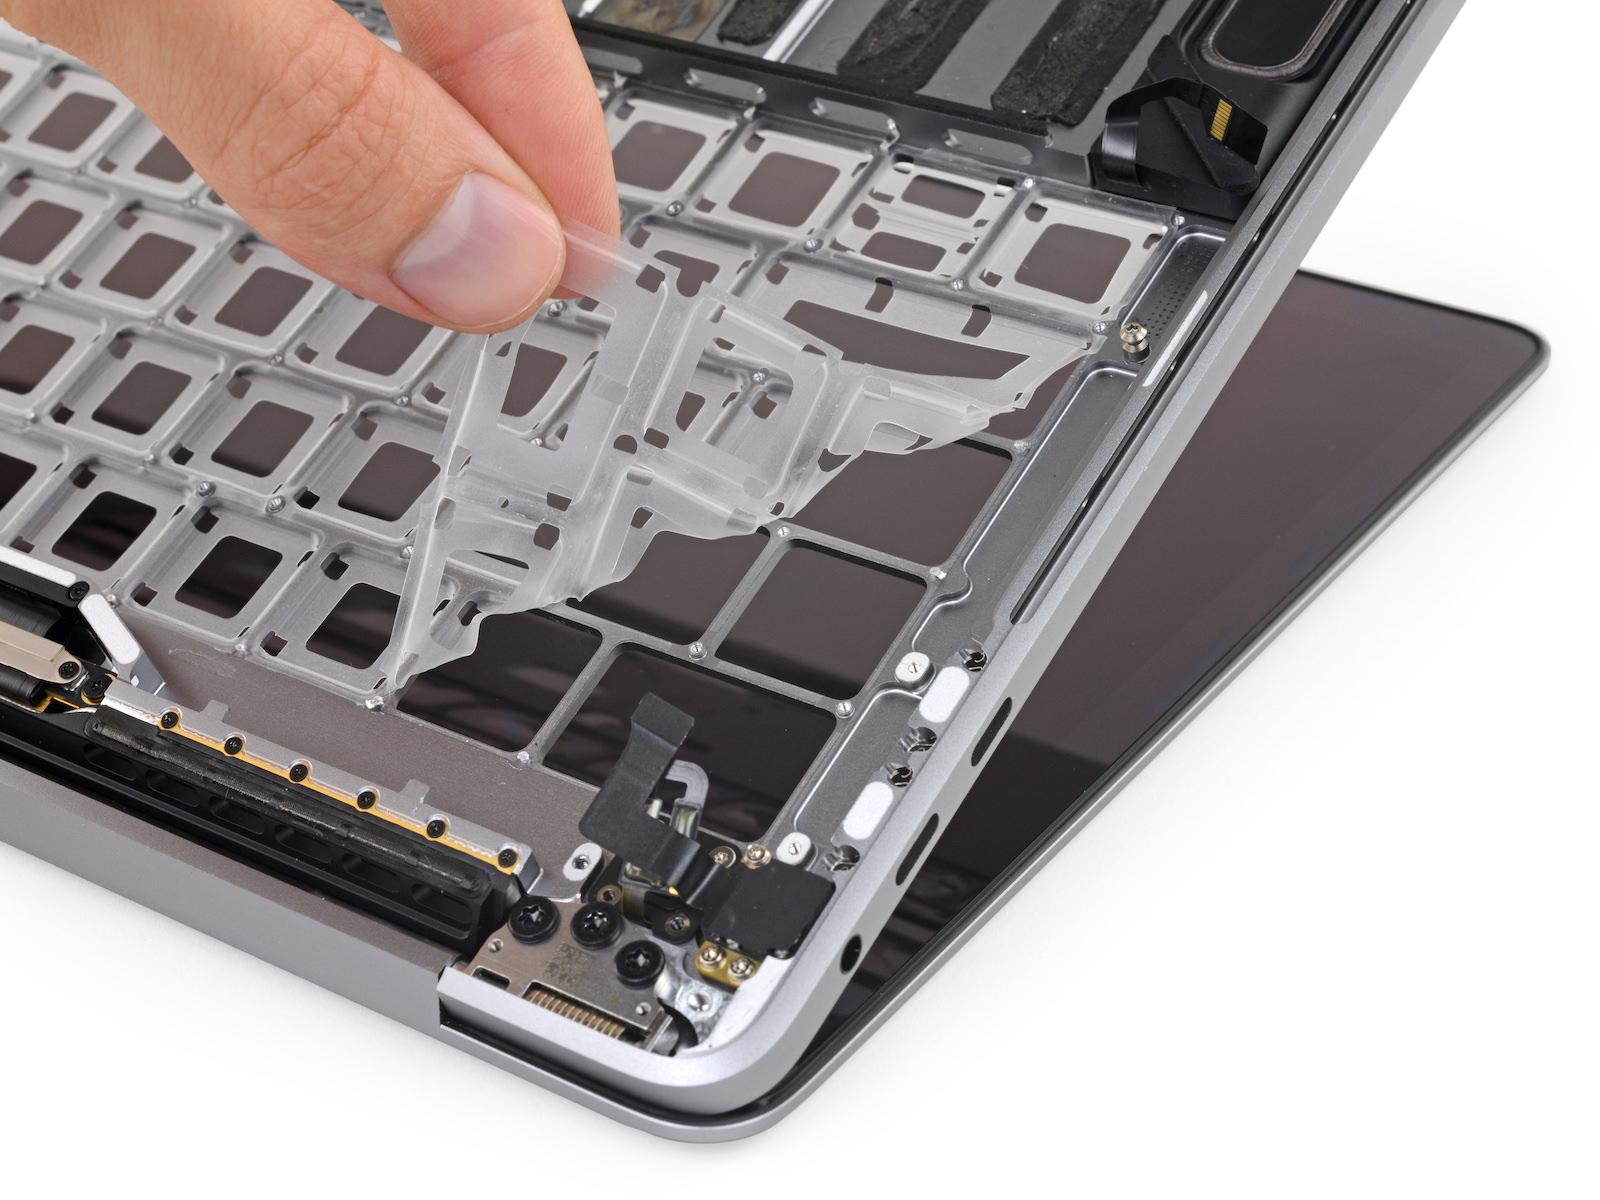 Teardown of new keyboard